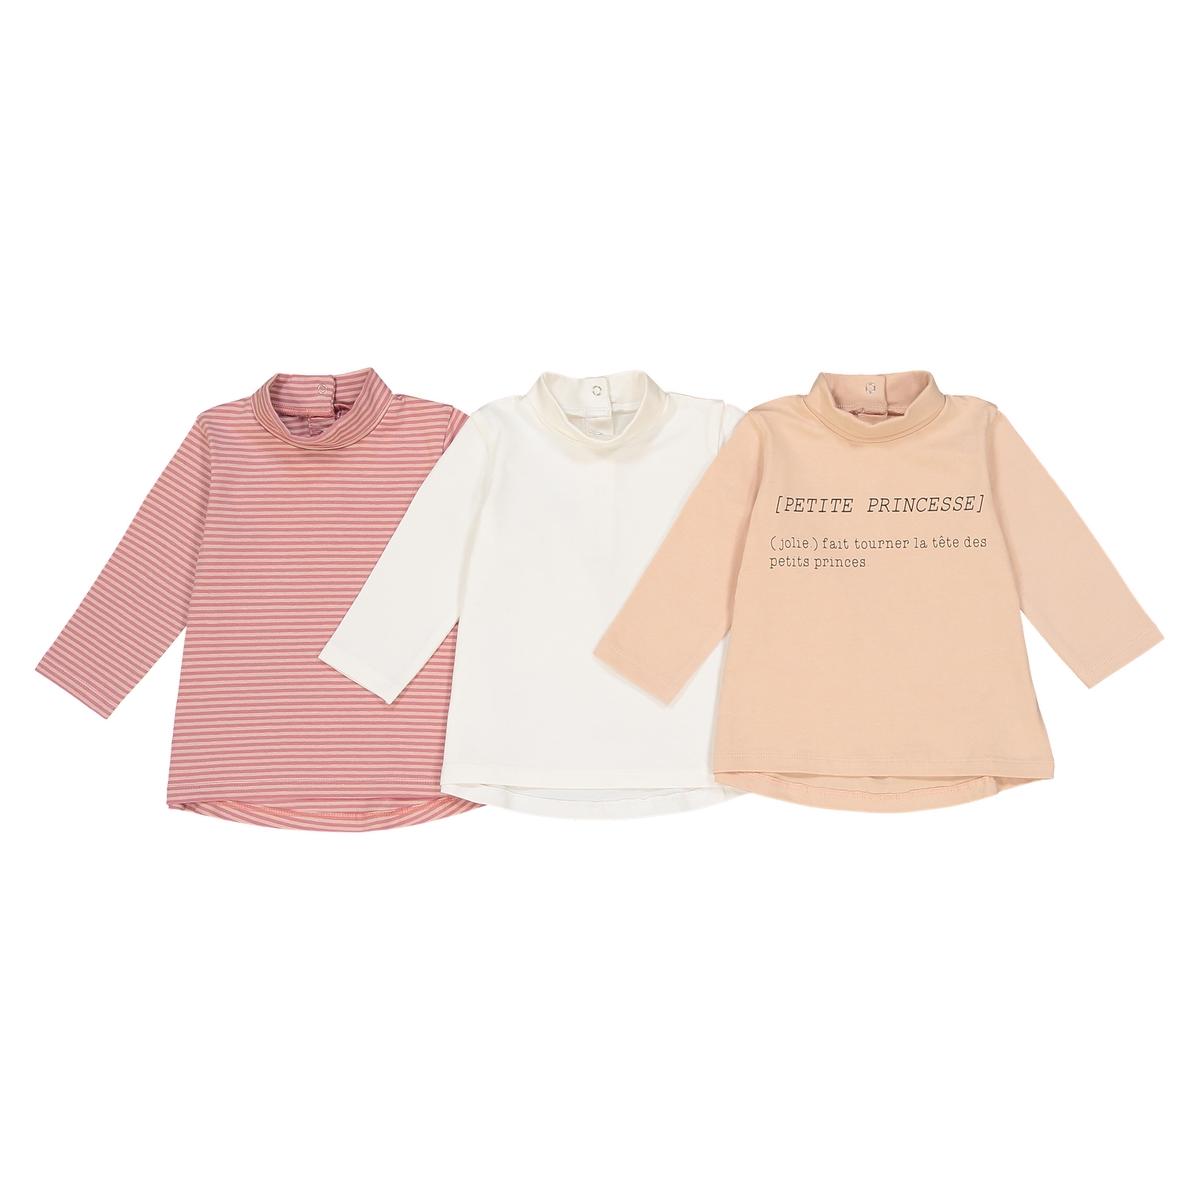 3 футболки с отворачивающимся воротником, 1 мес. - года